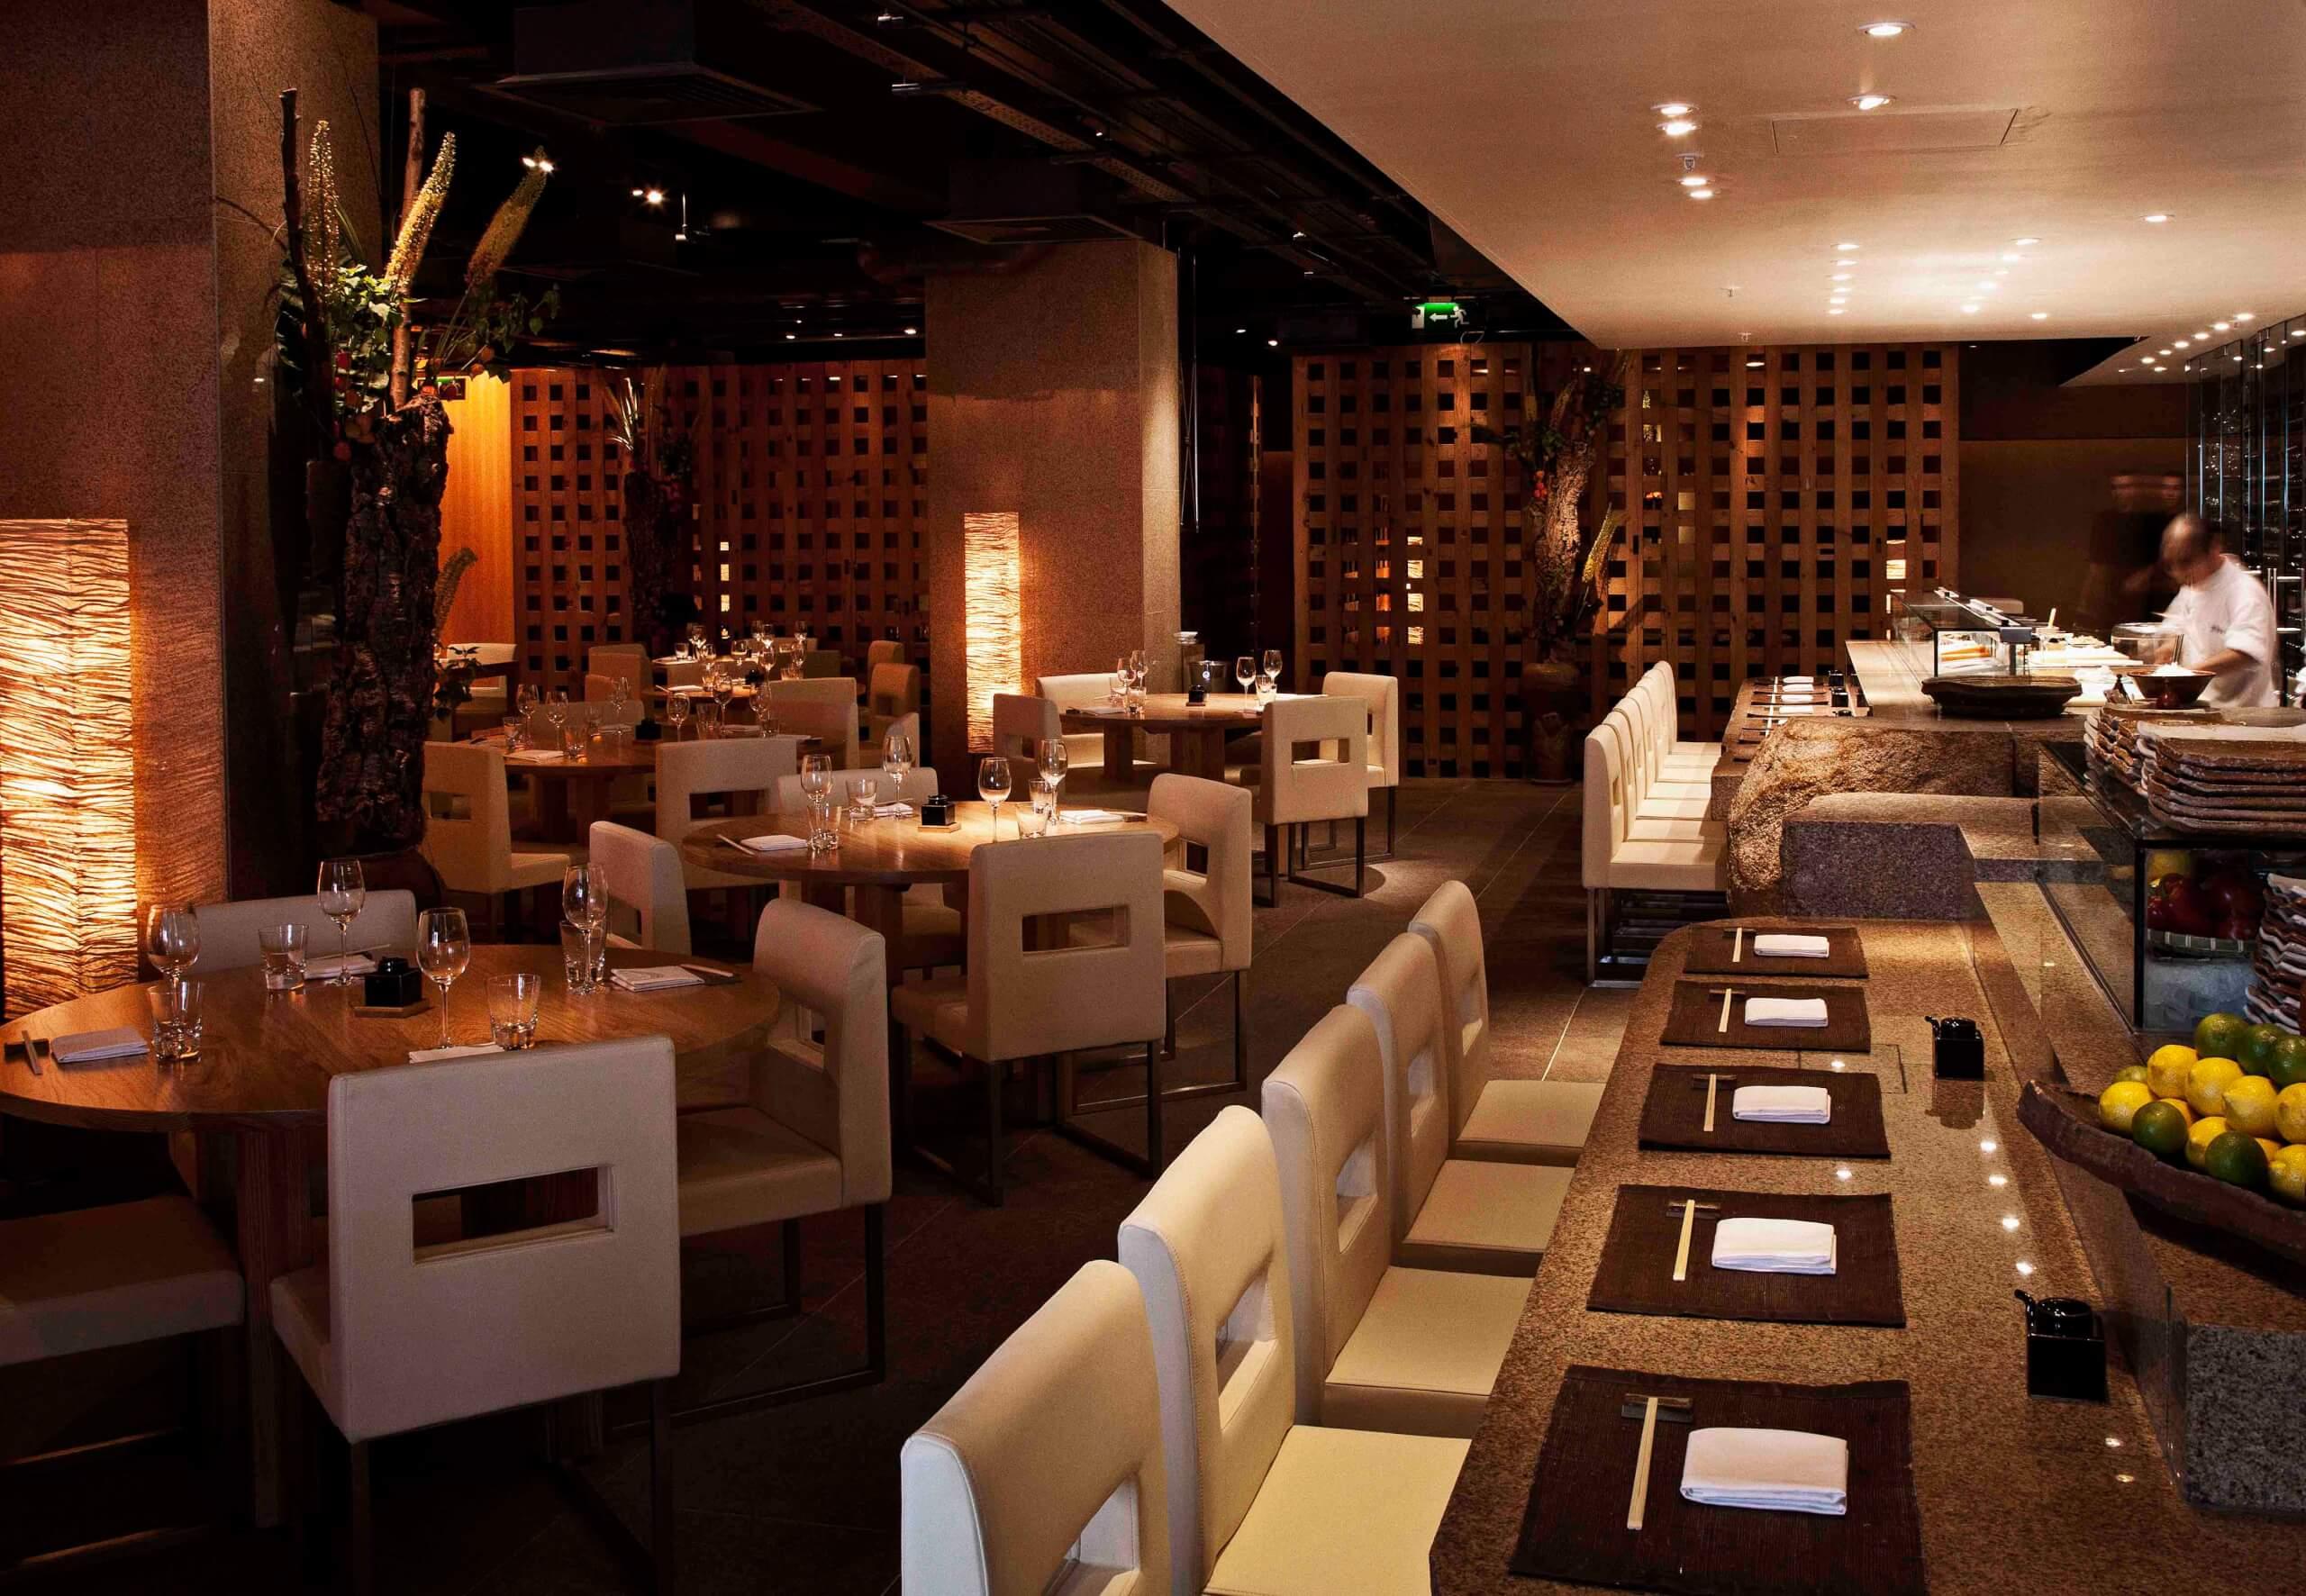 So Restaurant Sushi London